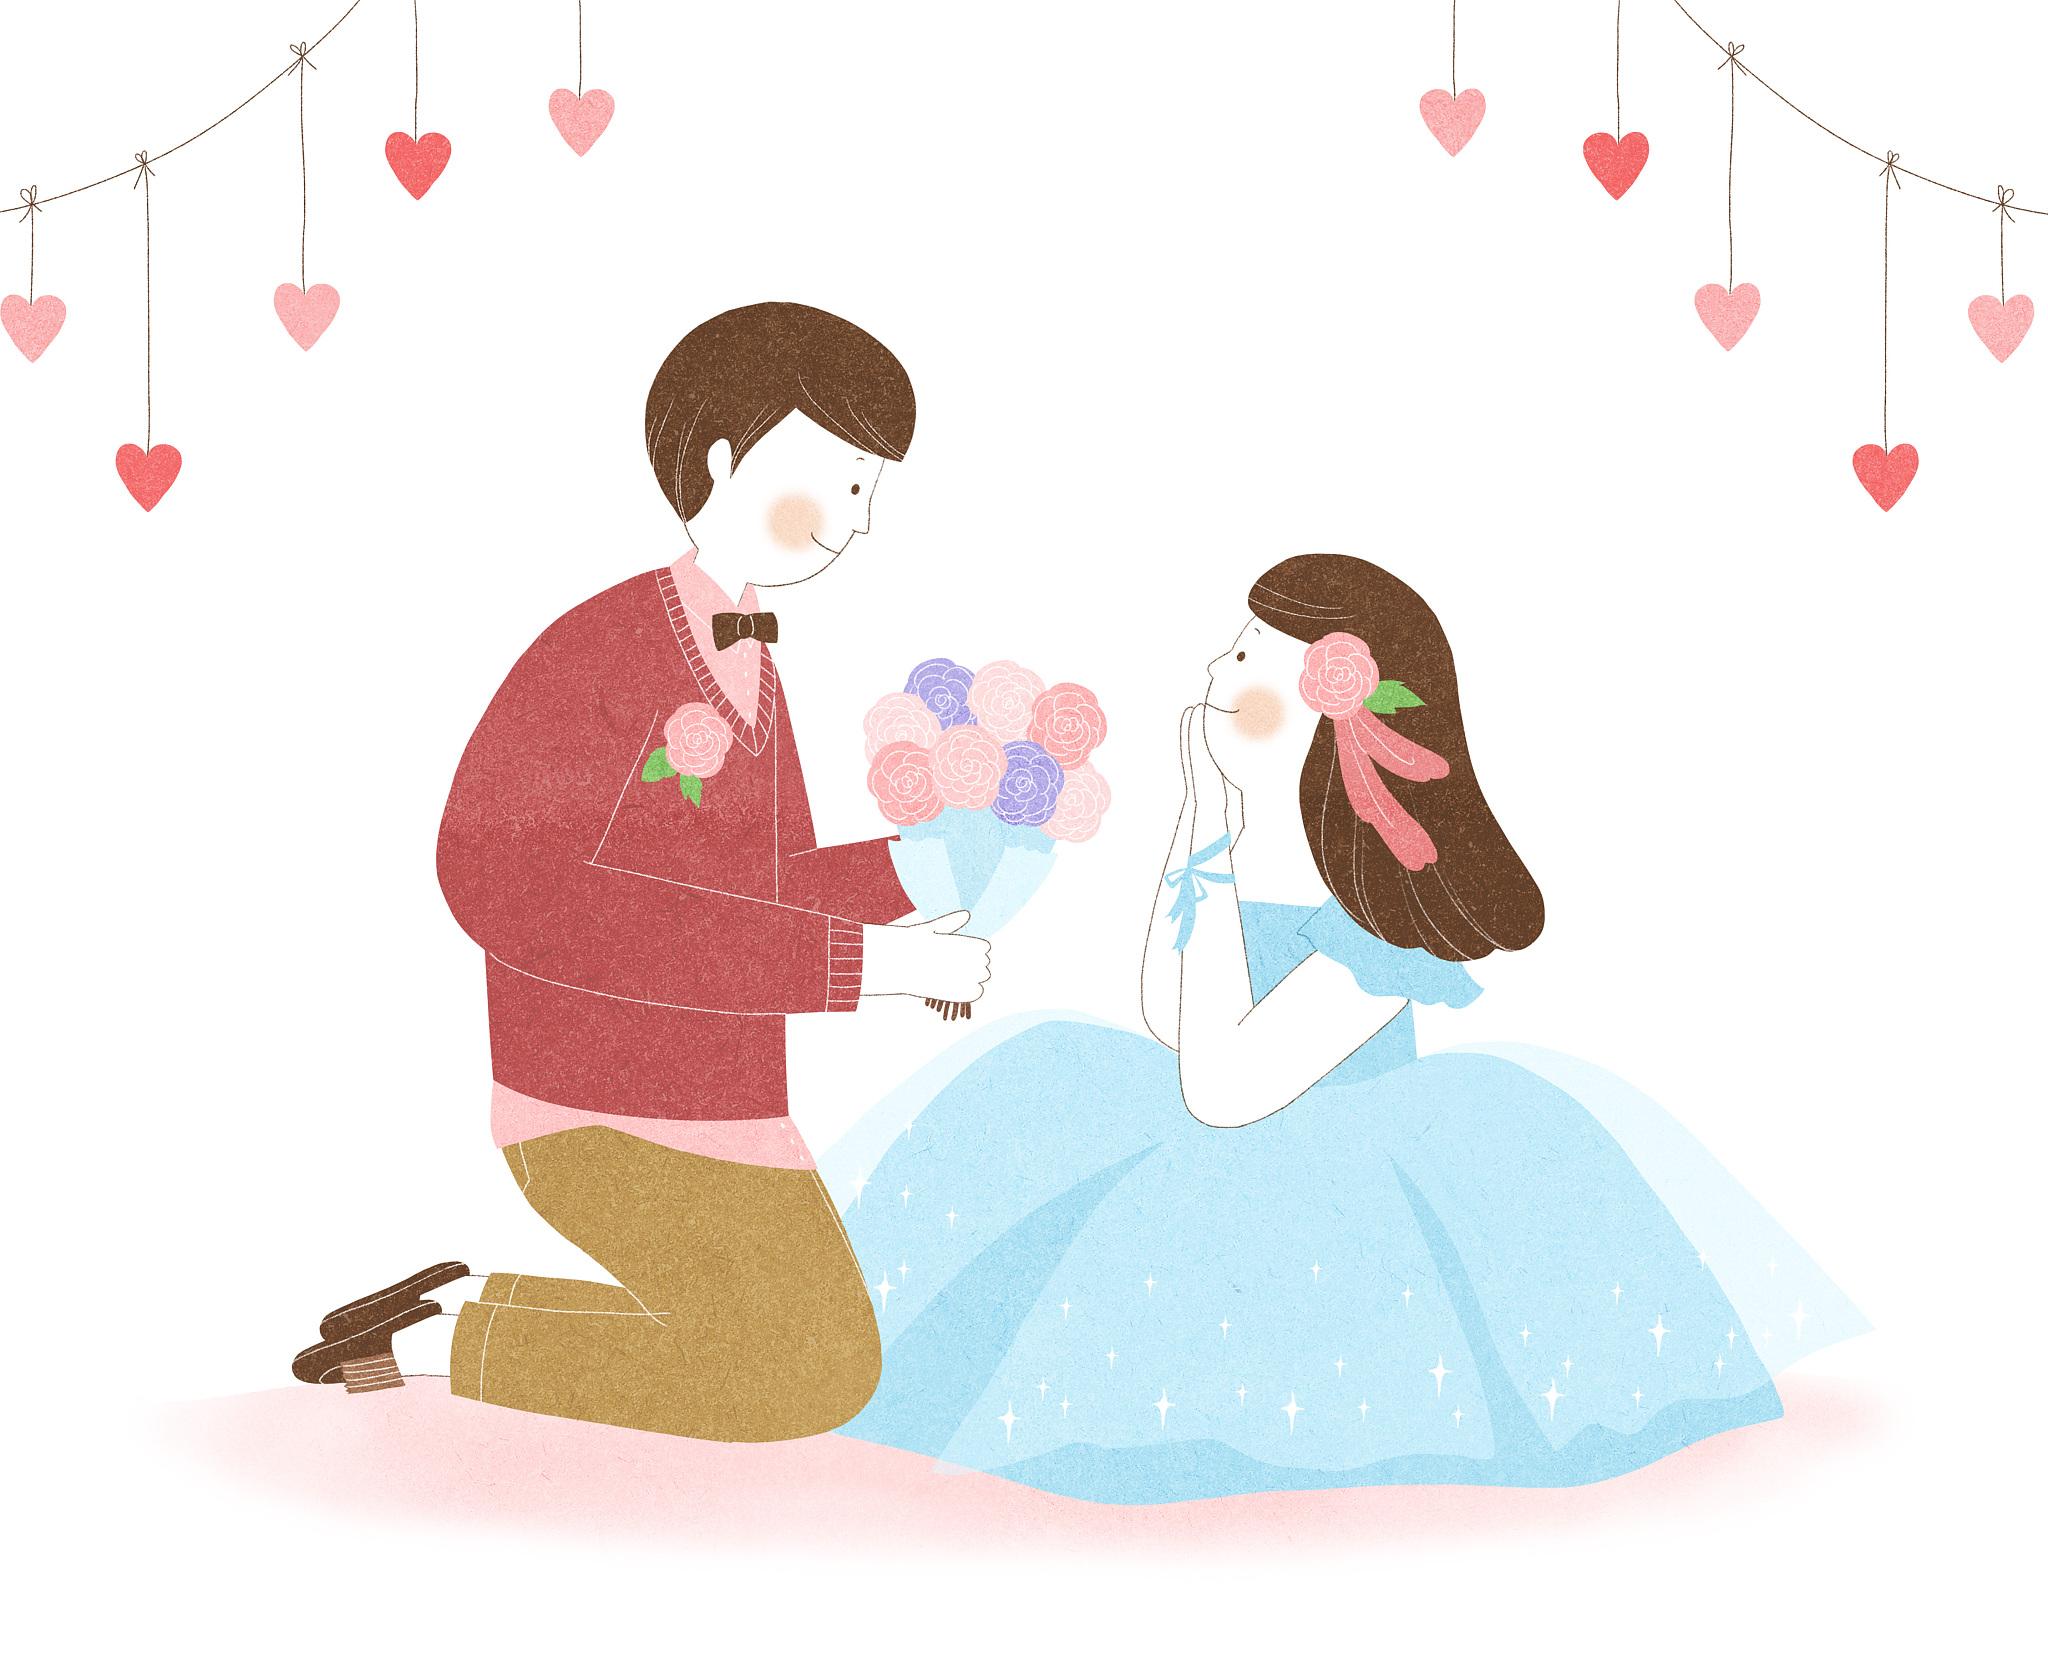 八字婚姻免费测试 免费测试两人有没有夫妻缘分